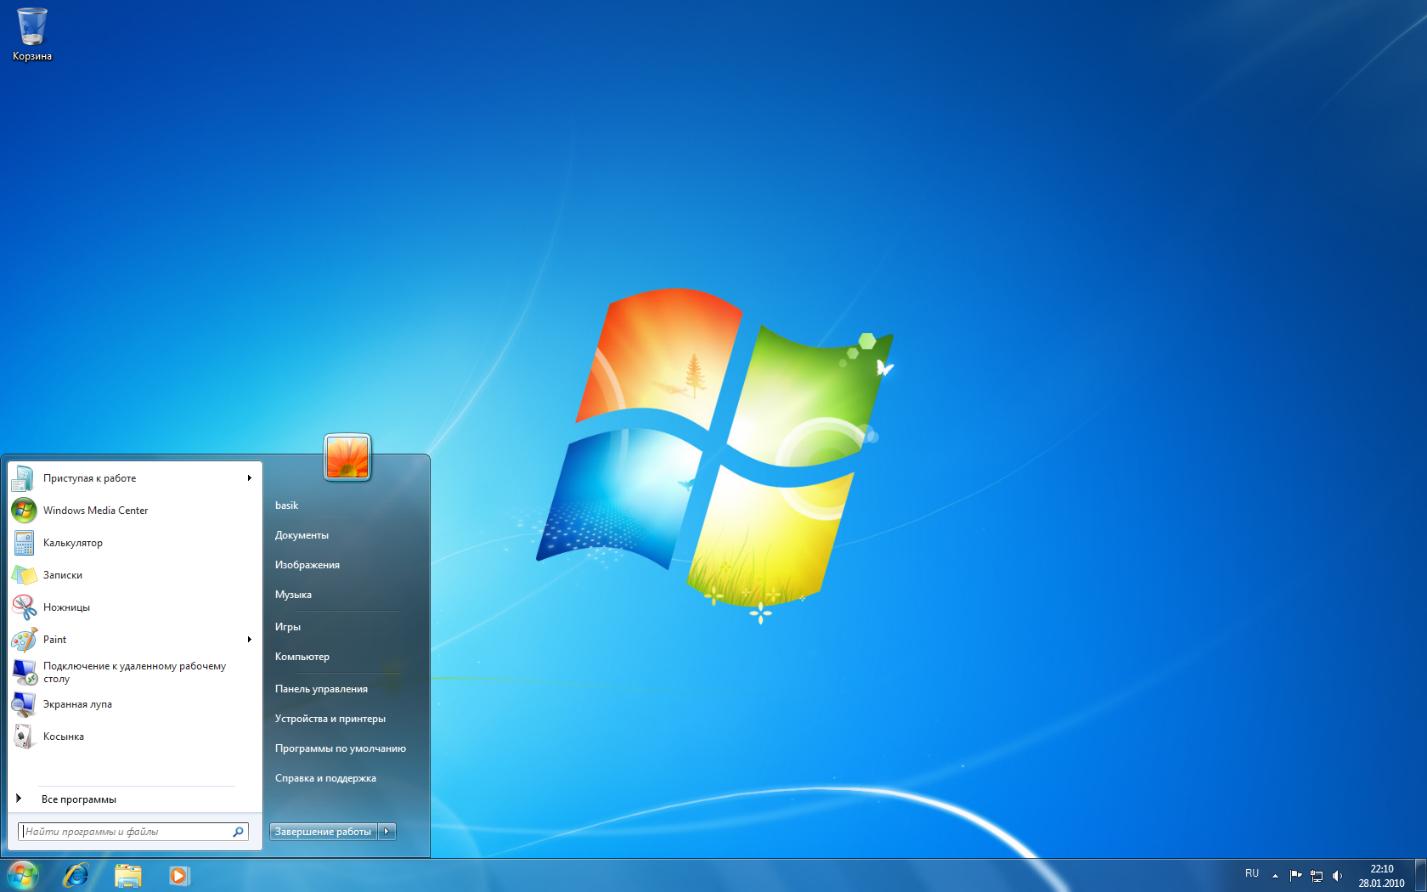 Рис. 1. Рабочий стол ОС Windows.